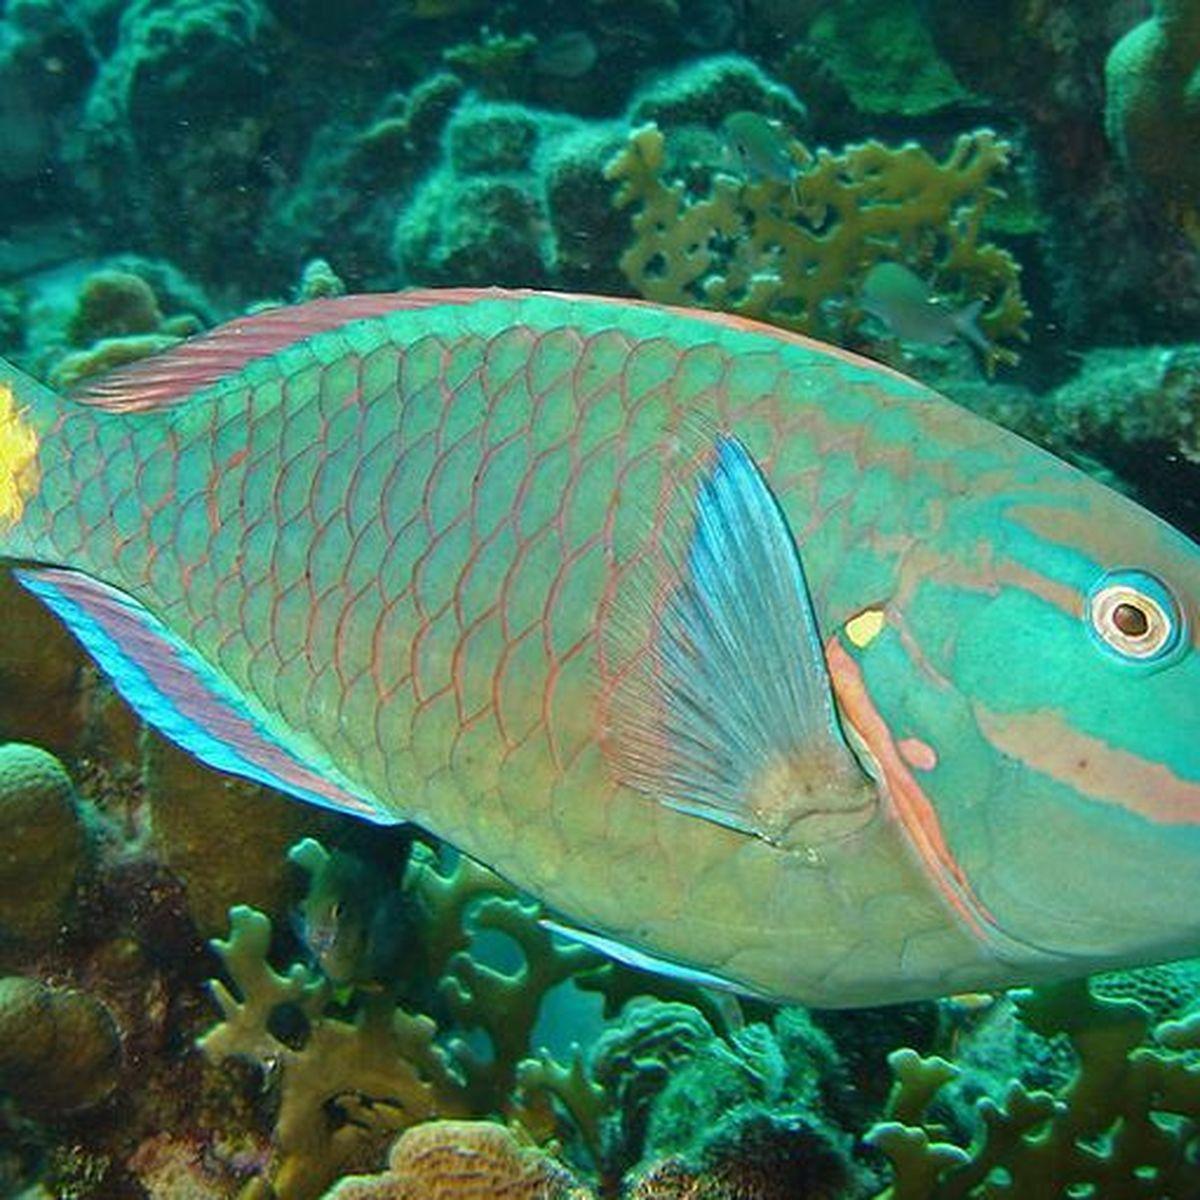 La pêche du poisson perroquet interdite à Saint-Vincent et les Grenadines